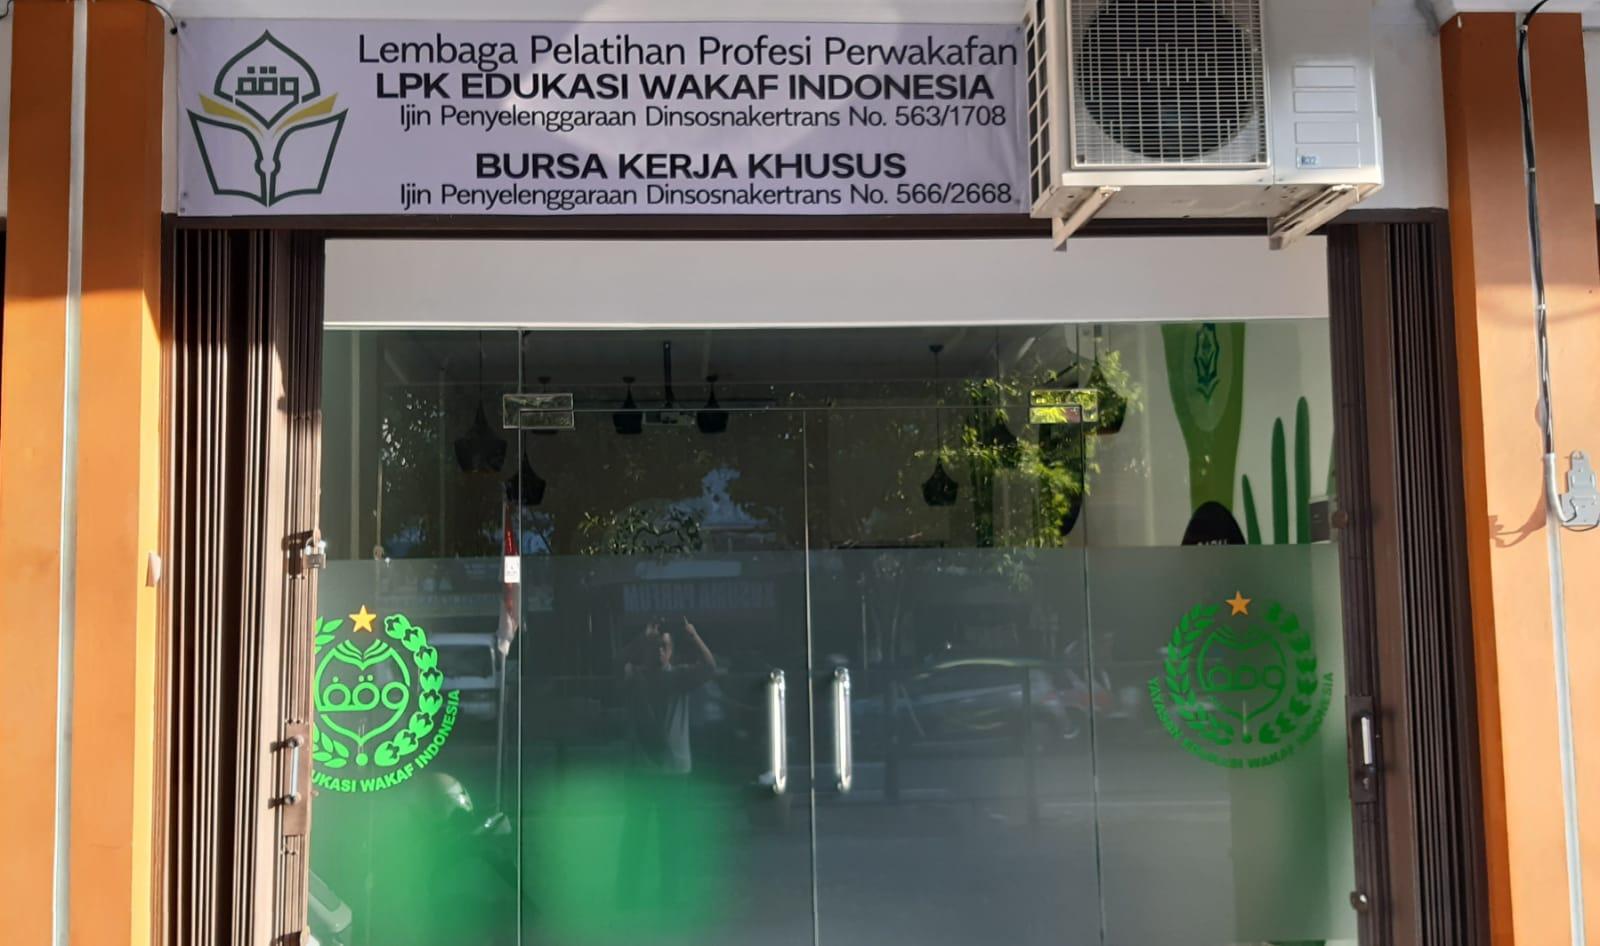 LEMBAGA PELATIHAN PERWAKAFAN PERTAMA DI INDONESIA